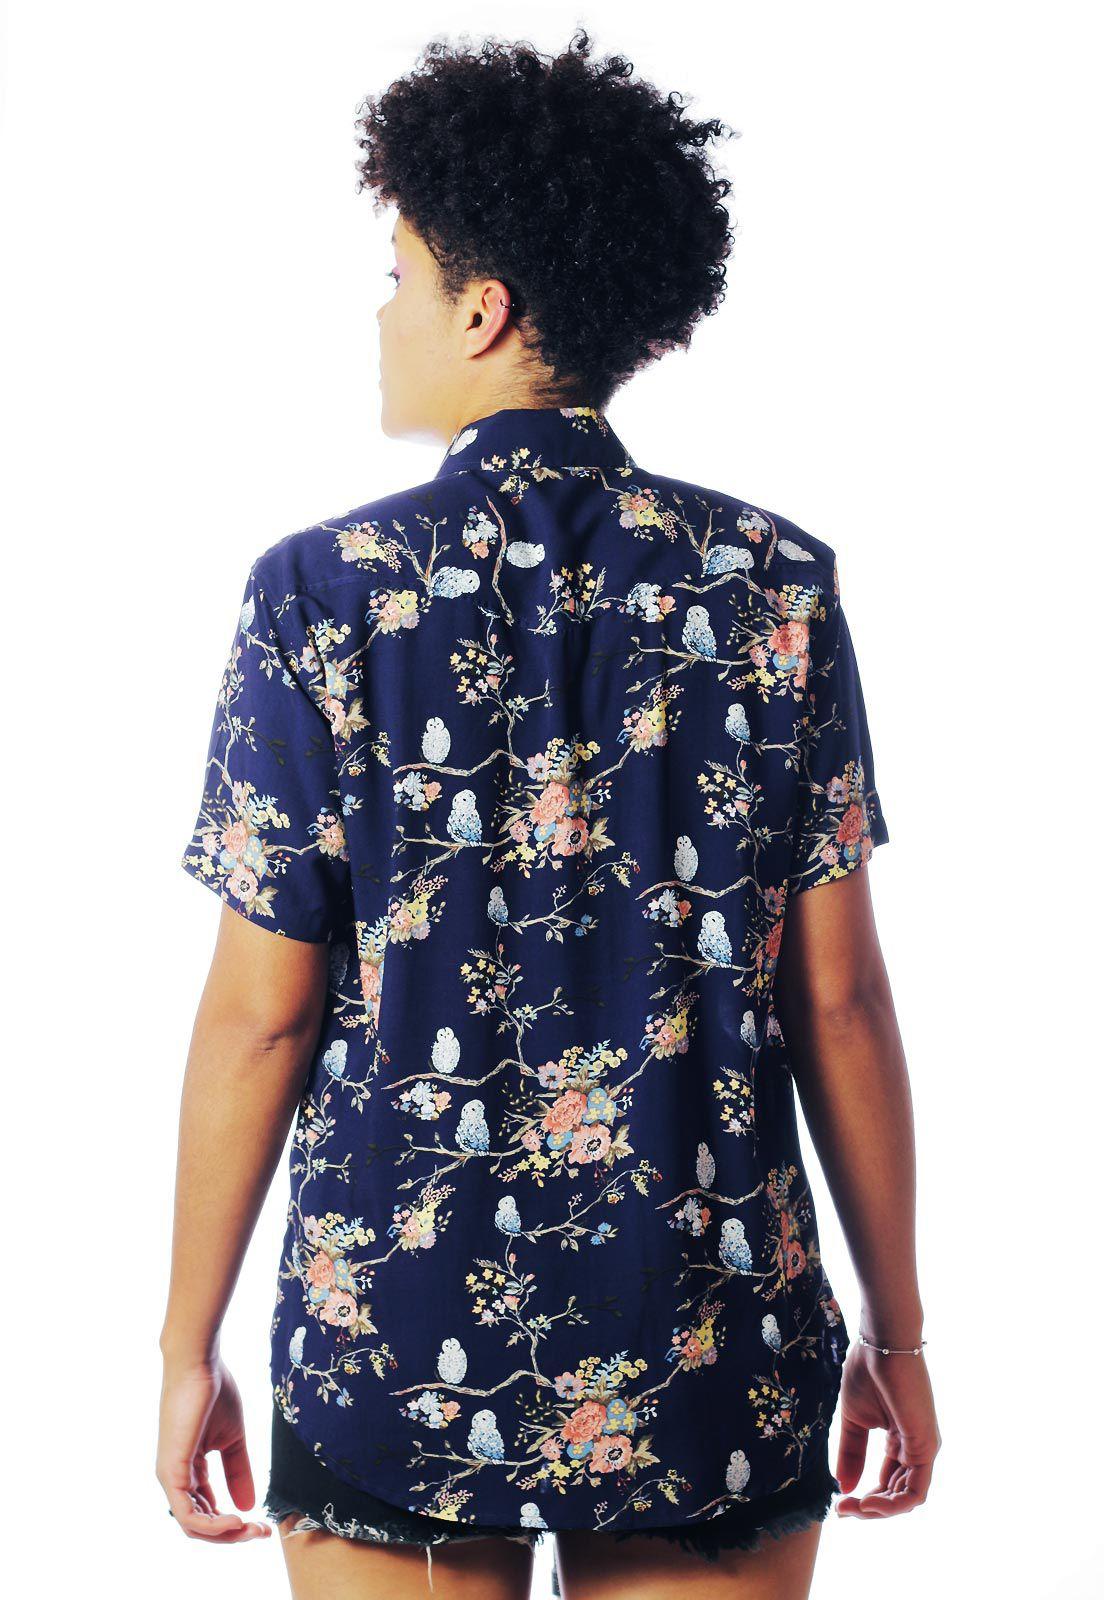 Camisa Floral Estampada ElephunK Corujas Cojurinhas Azul Marinho